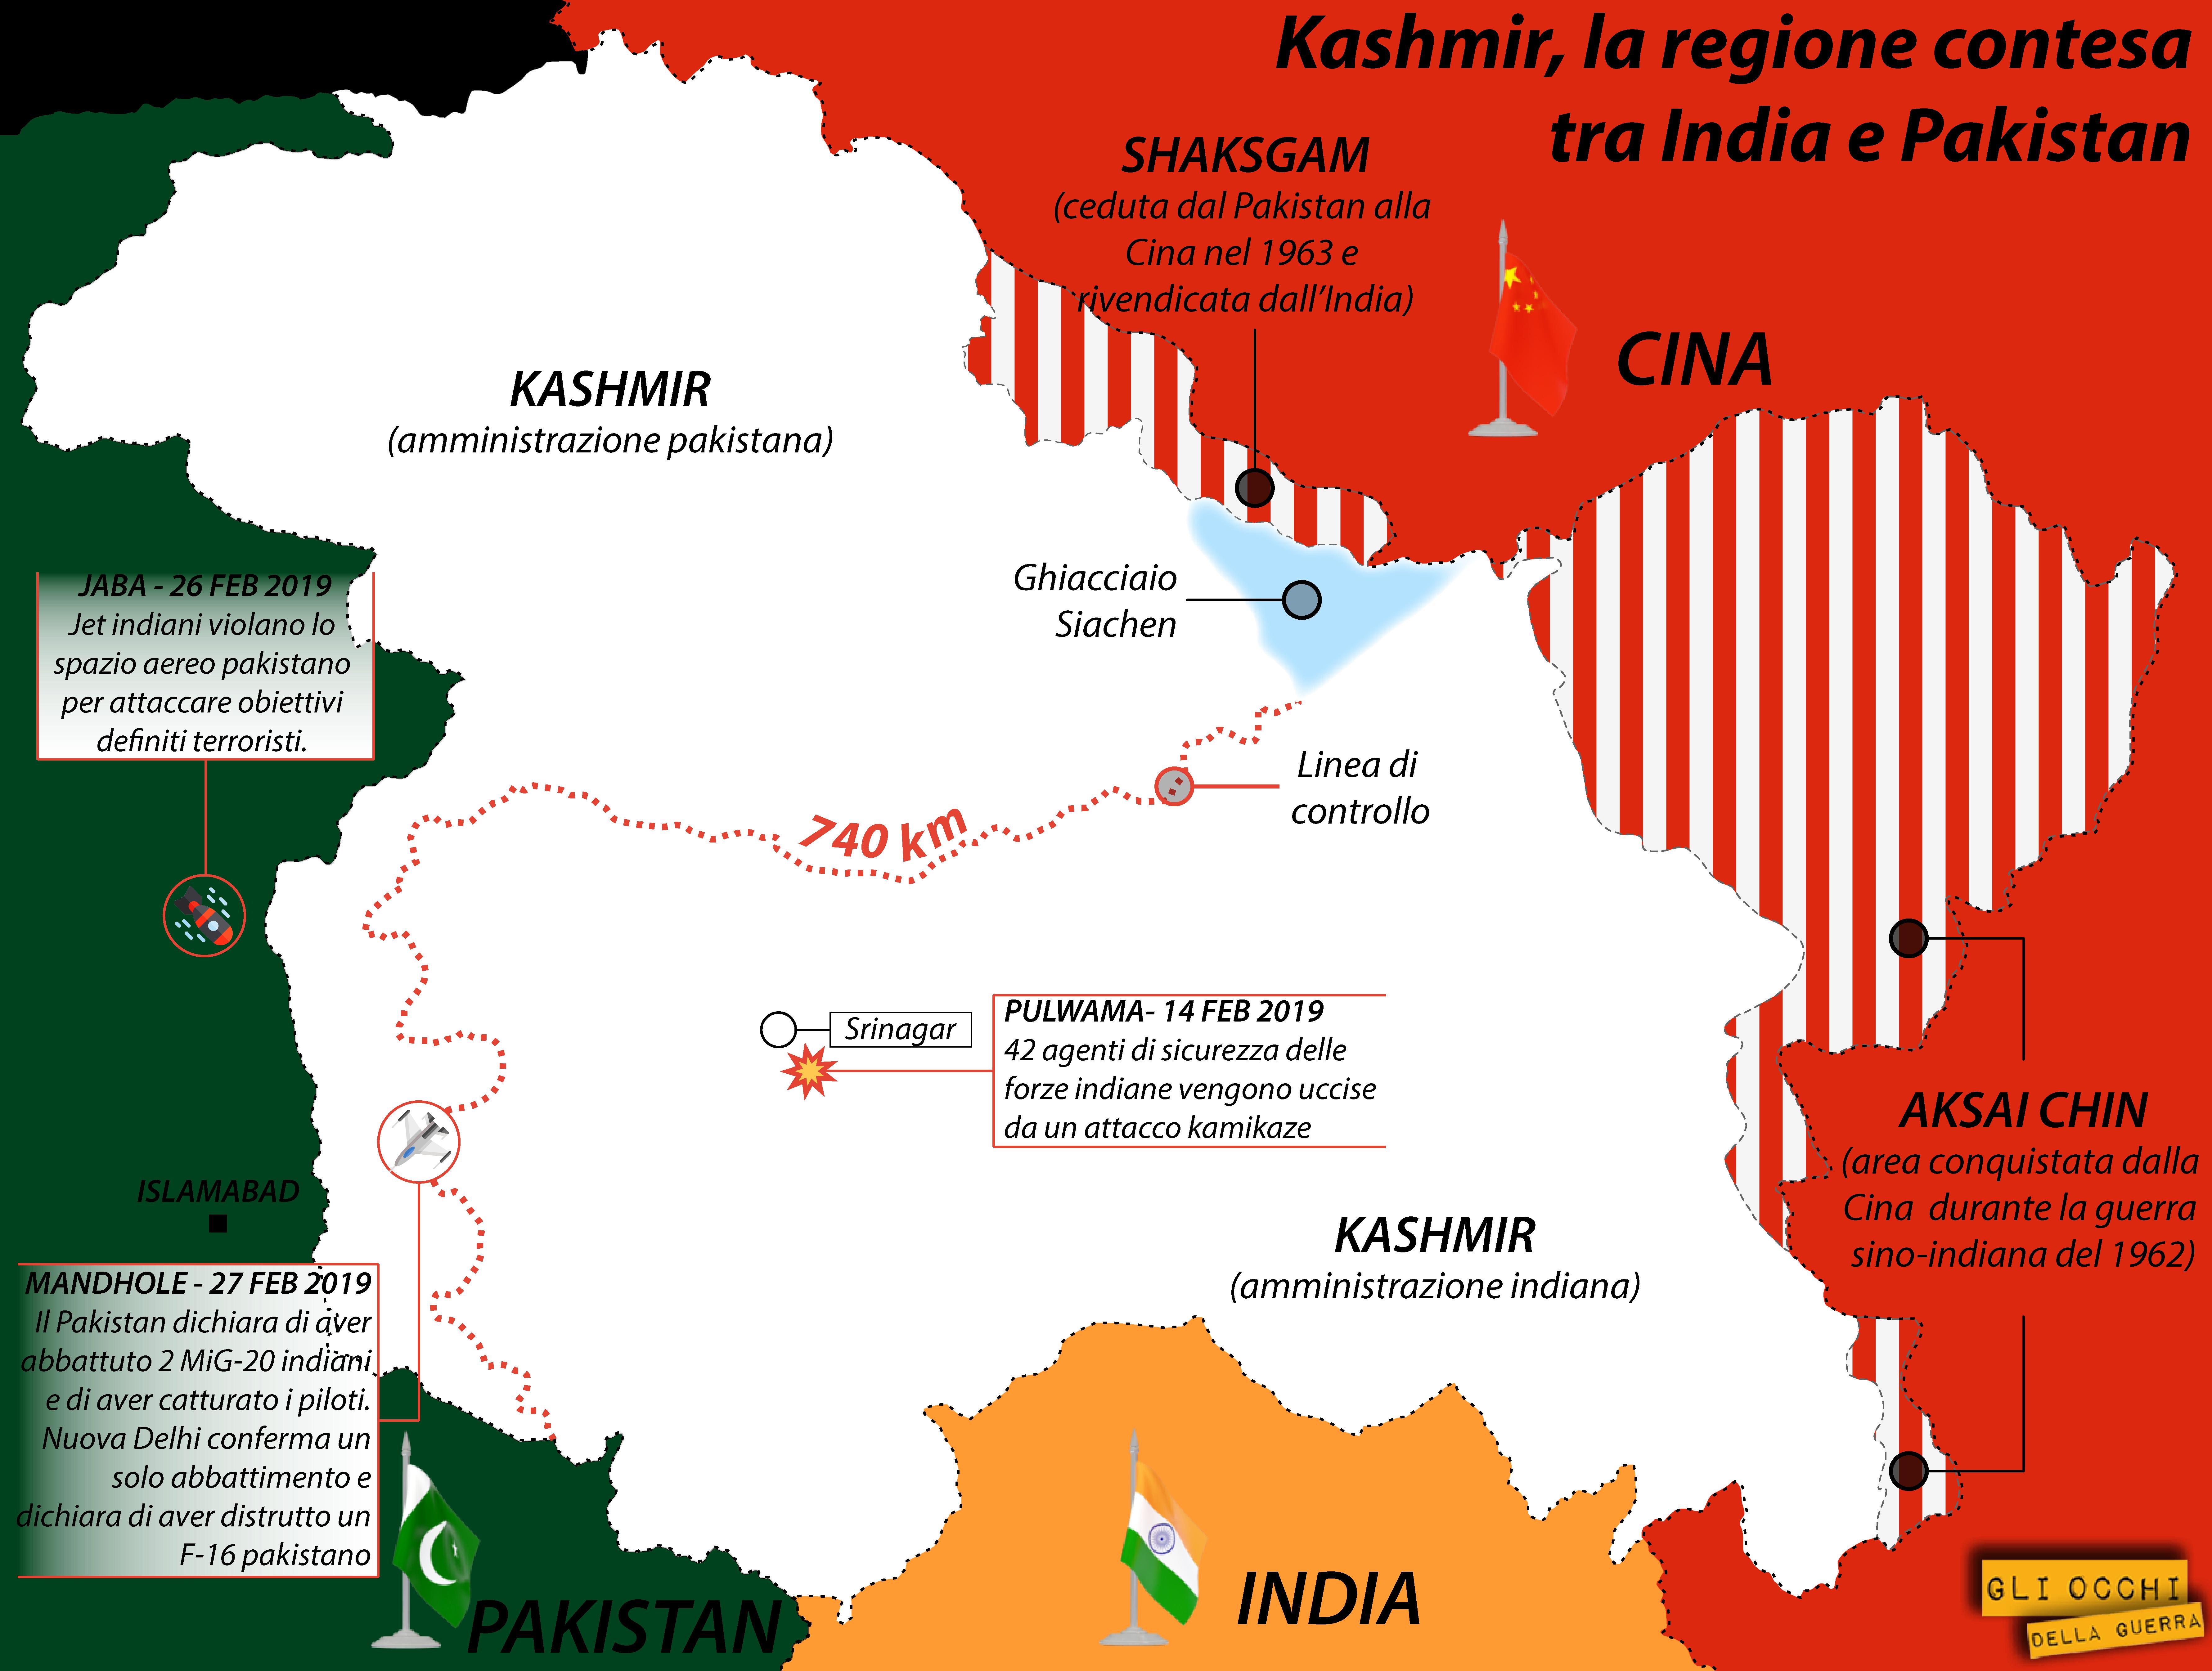 La zona contesa del Kashmir (Alberto Bellotto)